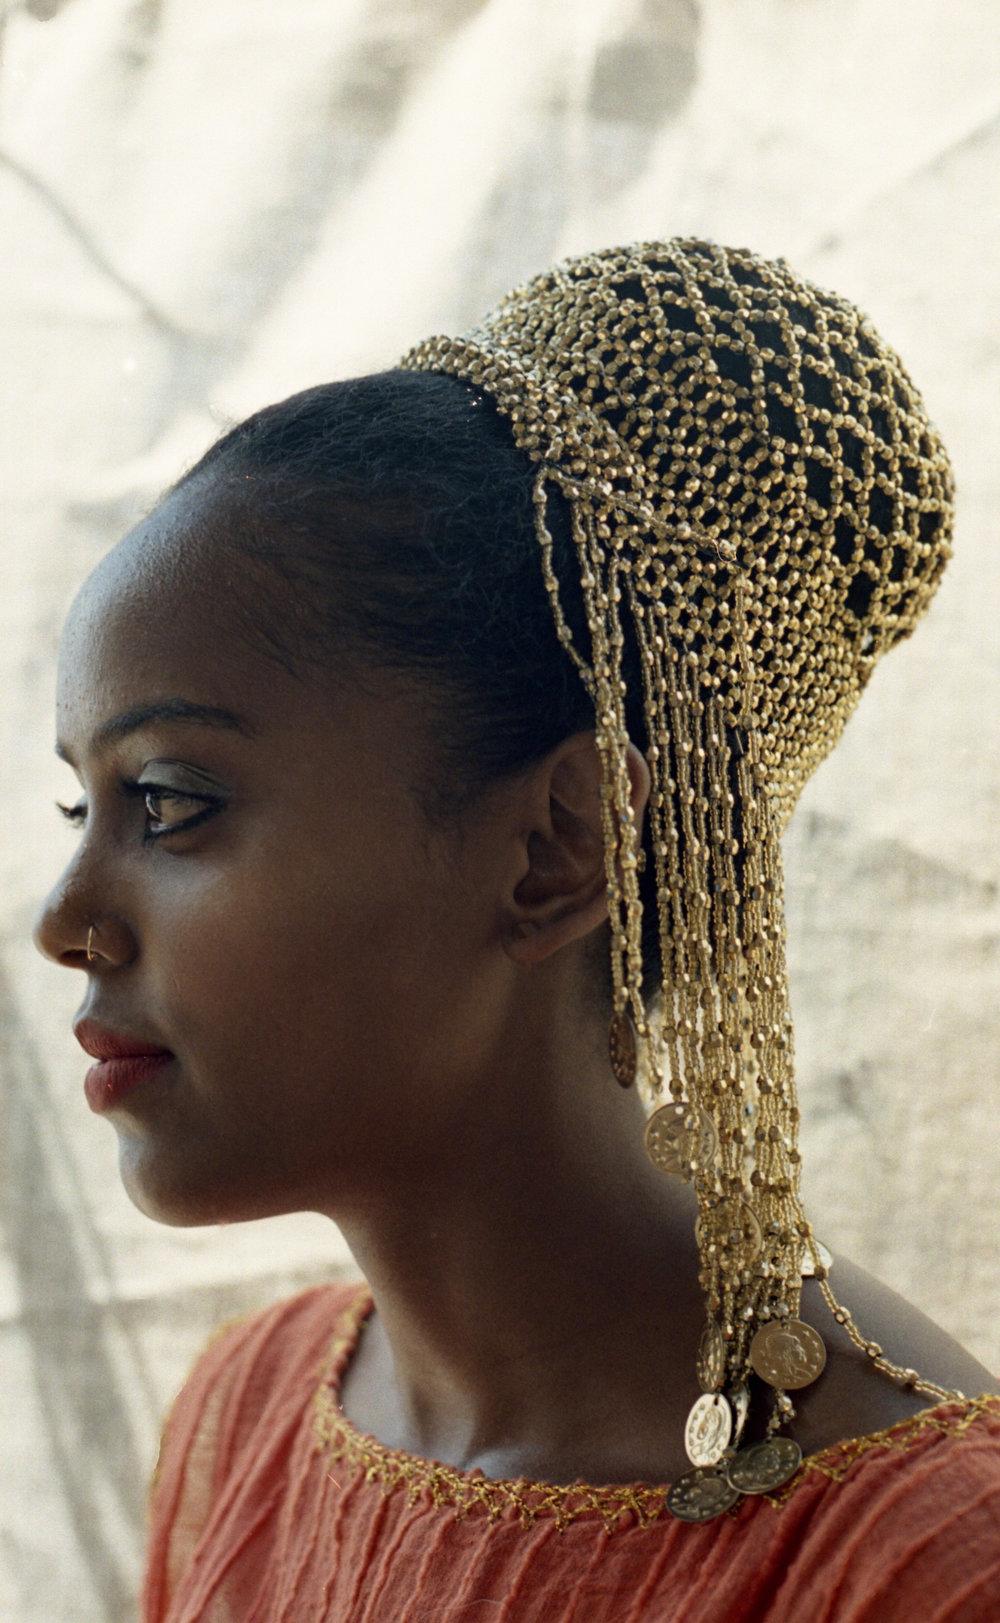 Feven, representing Ethiopia with a Dubai head piece